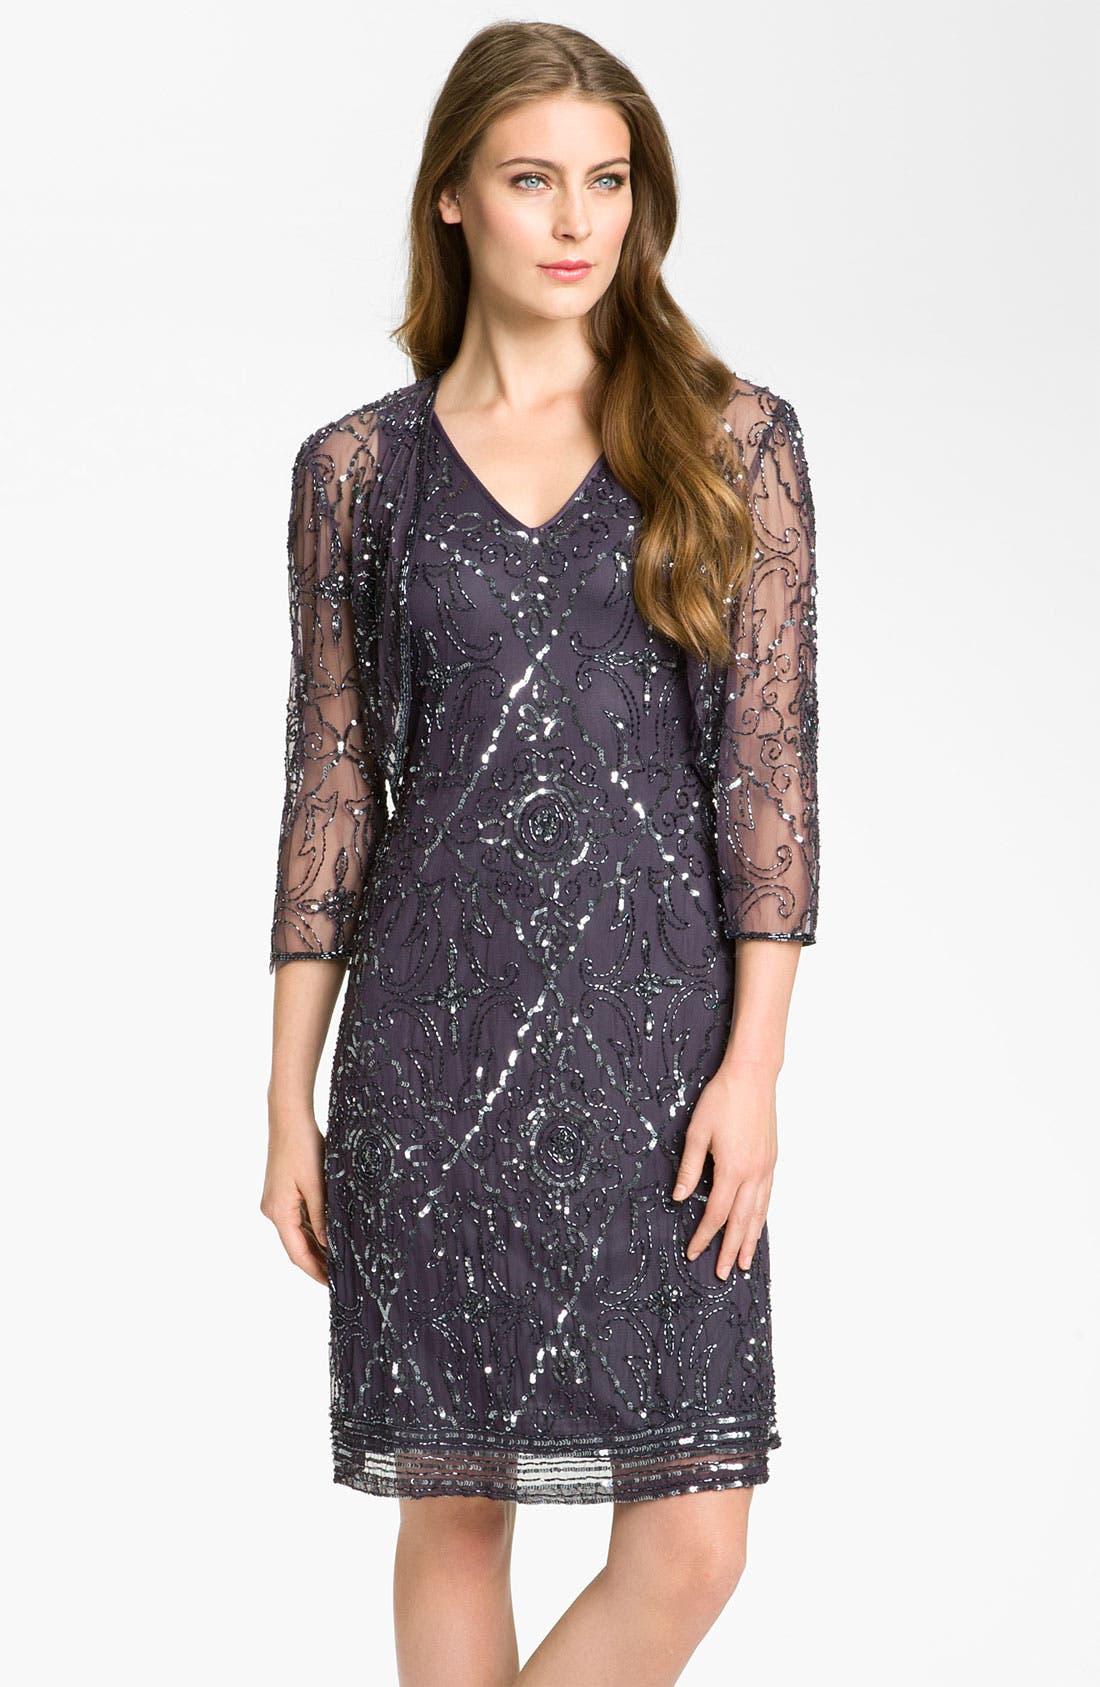 Alternate Image 1 Selected - Patra Beaded Mesh Dress & Bolero